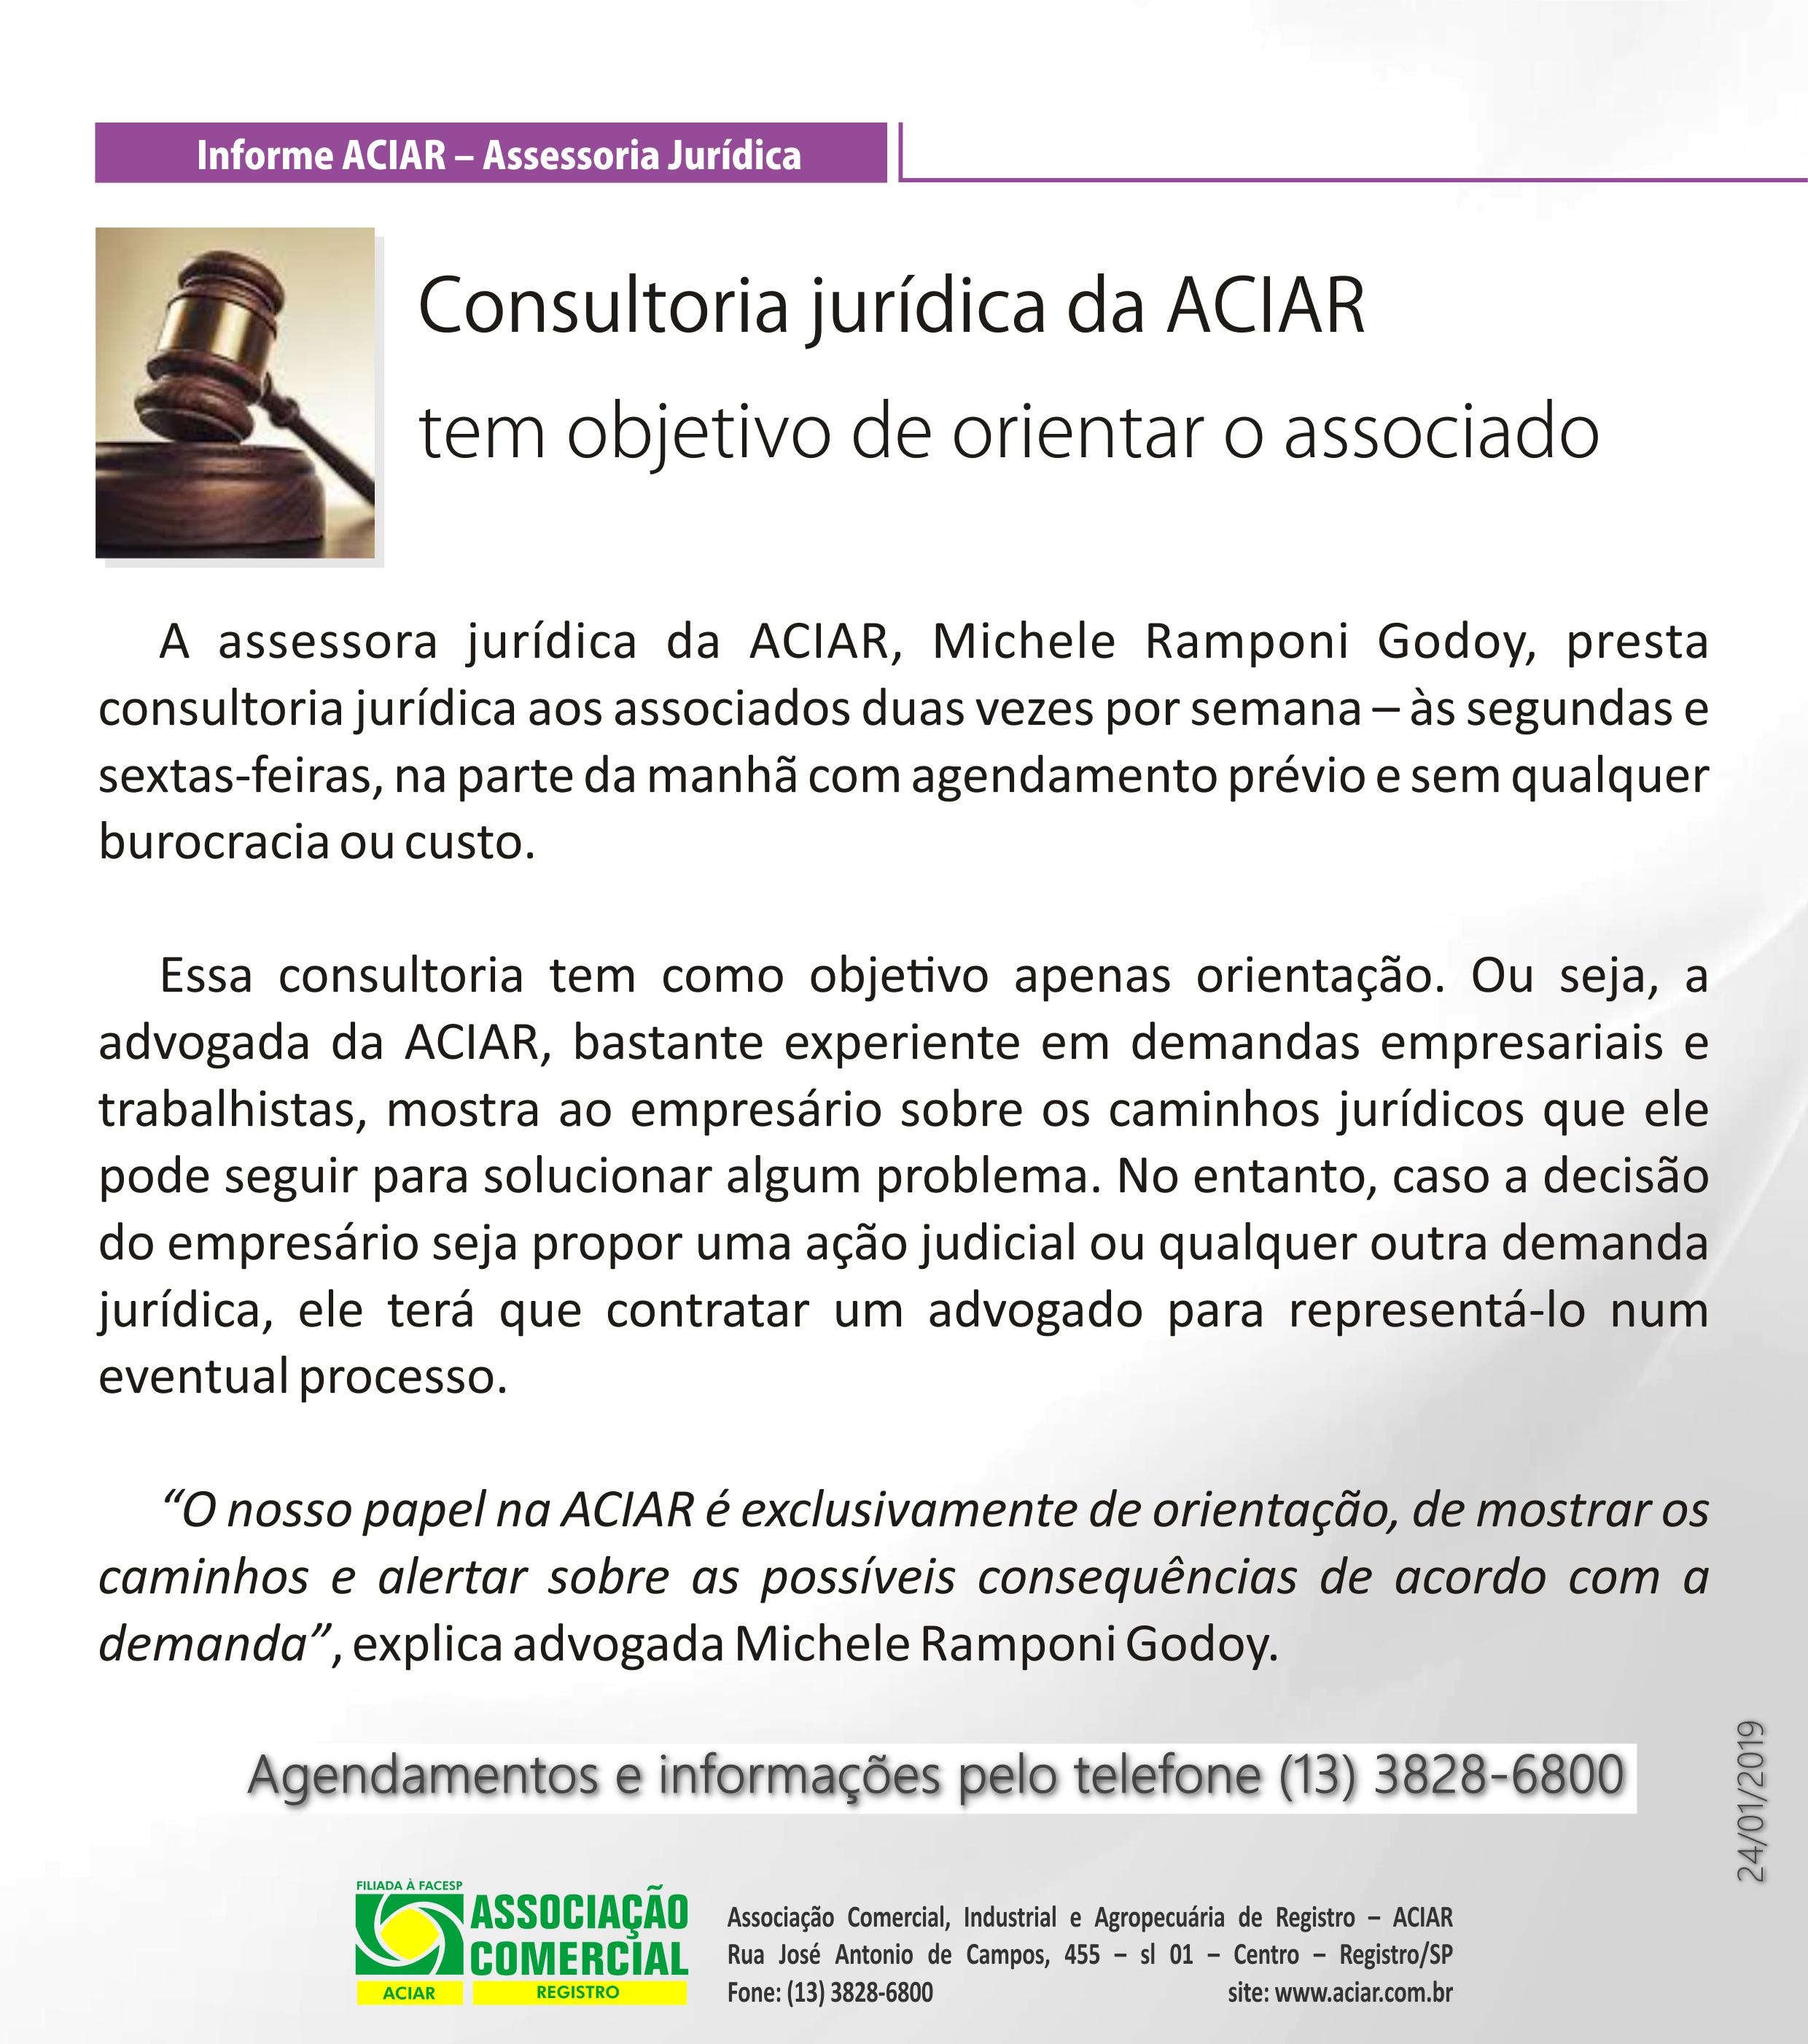 Informe ACIAR-Benefícios – Assessoria Jurídica